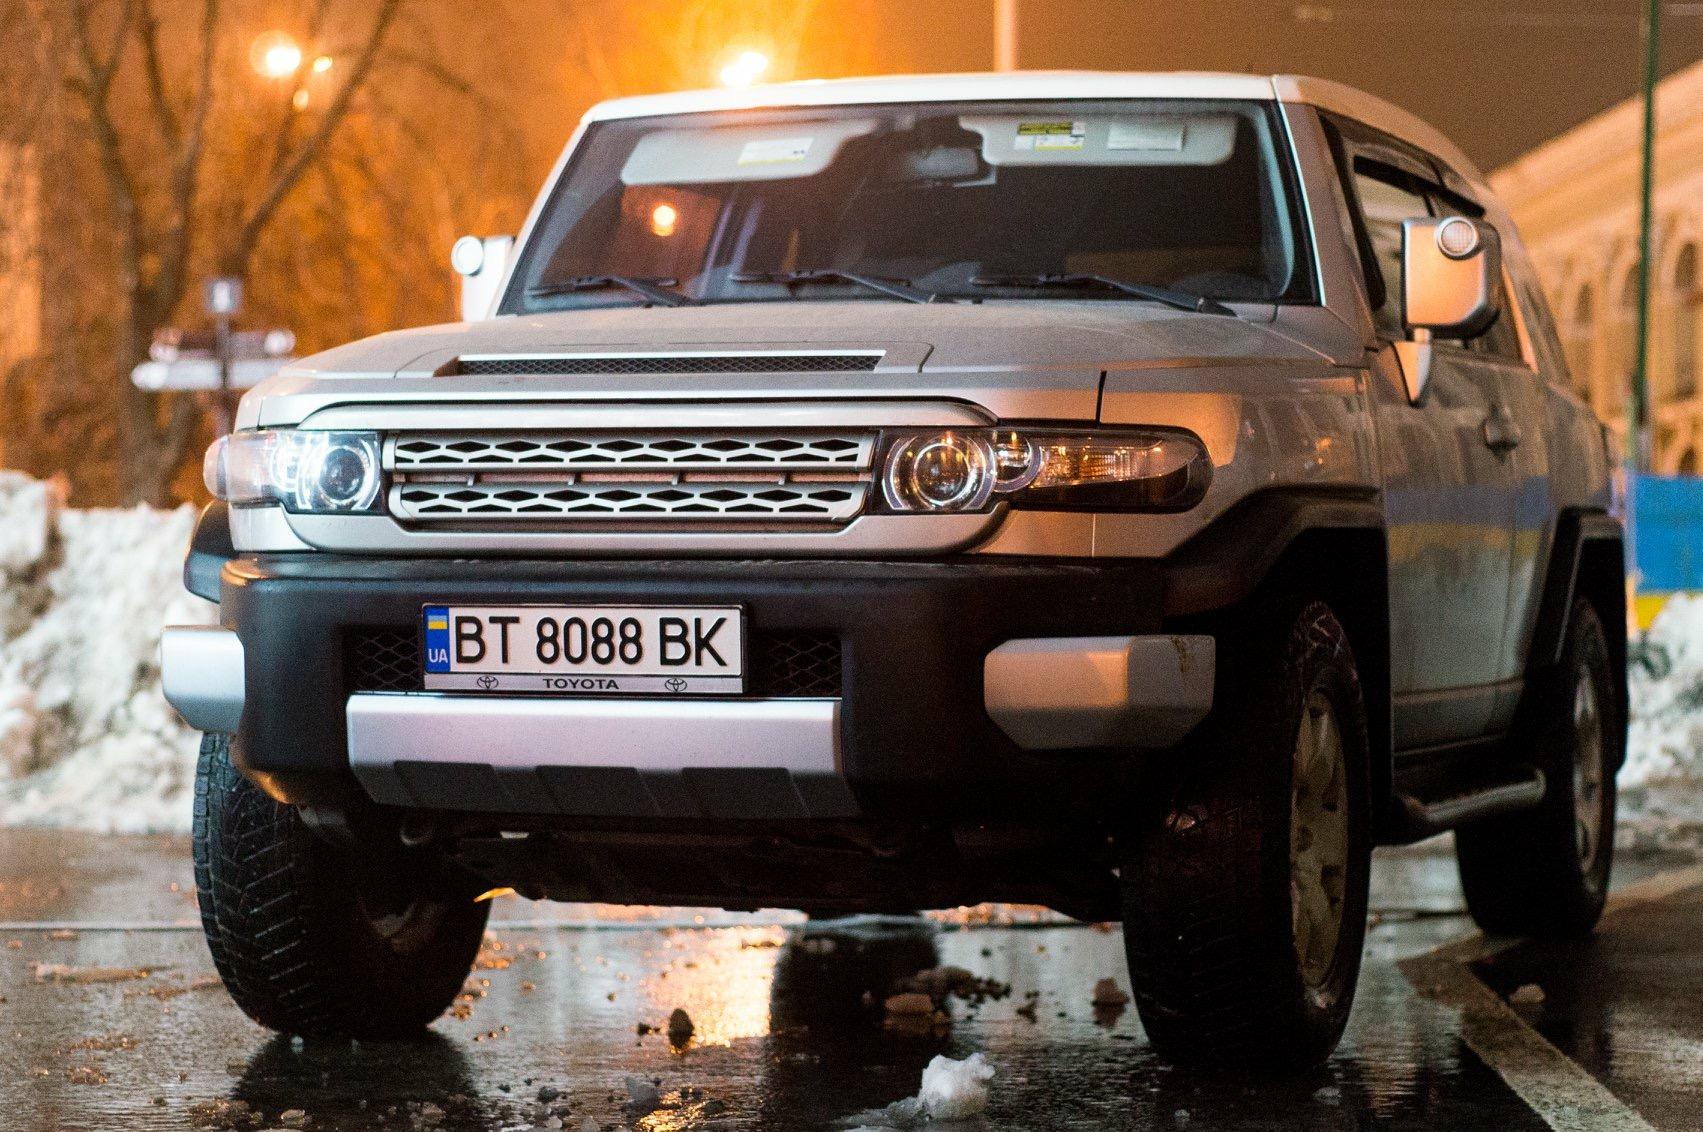 Водитель: Безгодков Дмитрий<br/>Штурман: Гладченко Григорий<br/>Машина: Toyota FJ Cruiser (2006г., 3956см³)<br/>Класс: N4<br/>Стартовый №: 499